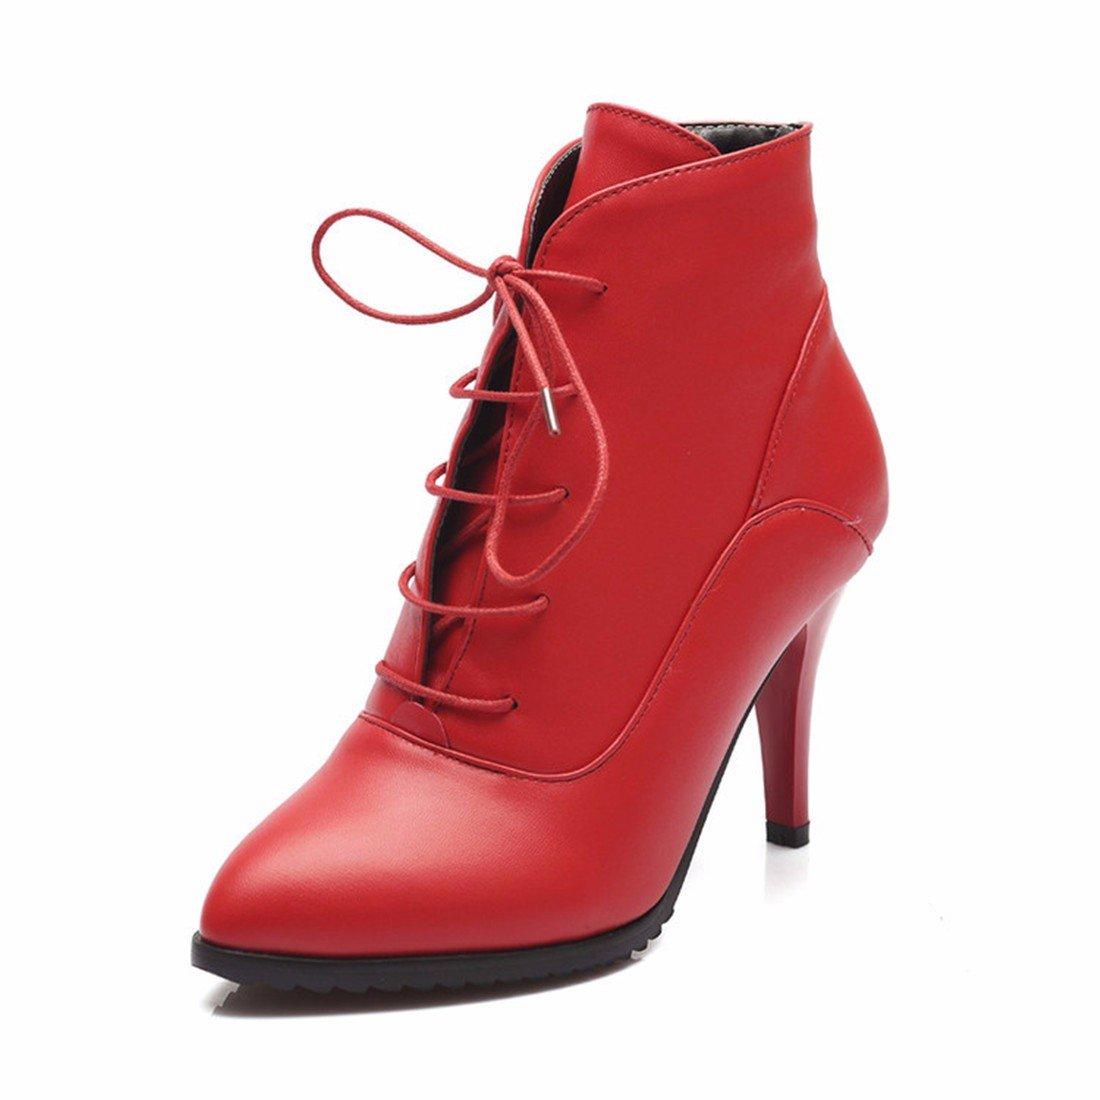 AIKAKA Frauen Herbst und Winter Europa und Amerika Sexy warme High Heel Schuhe Kurze Stiefel Martin Stiefel